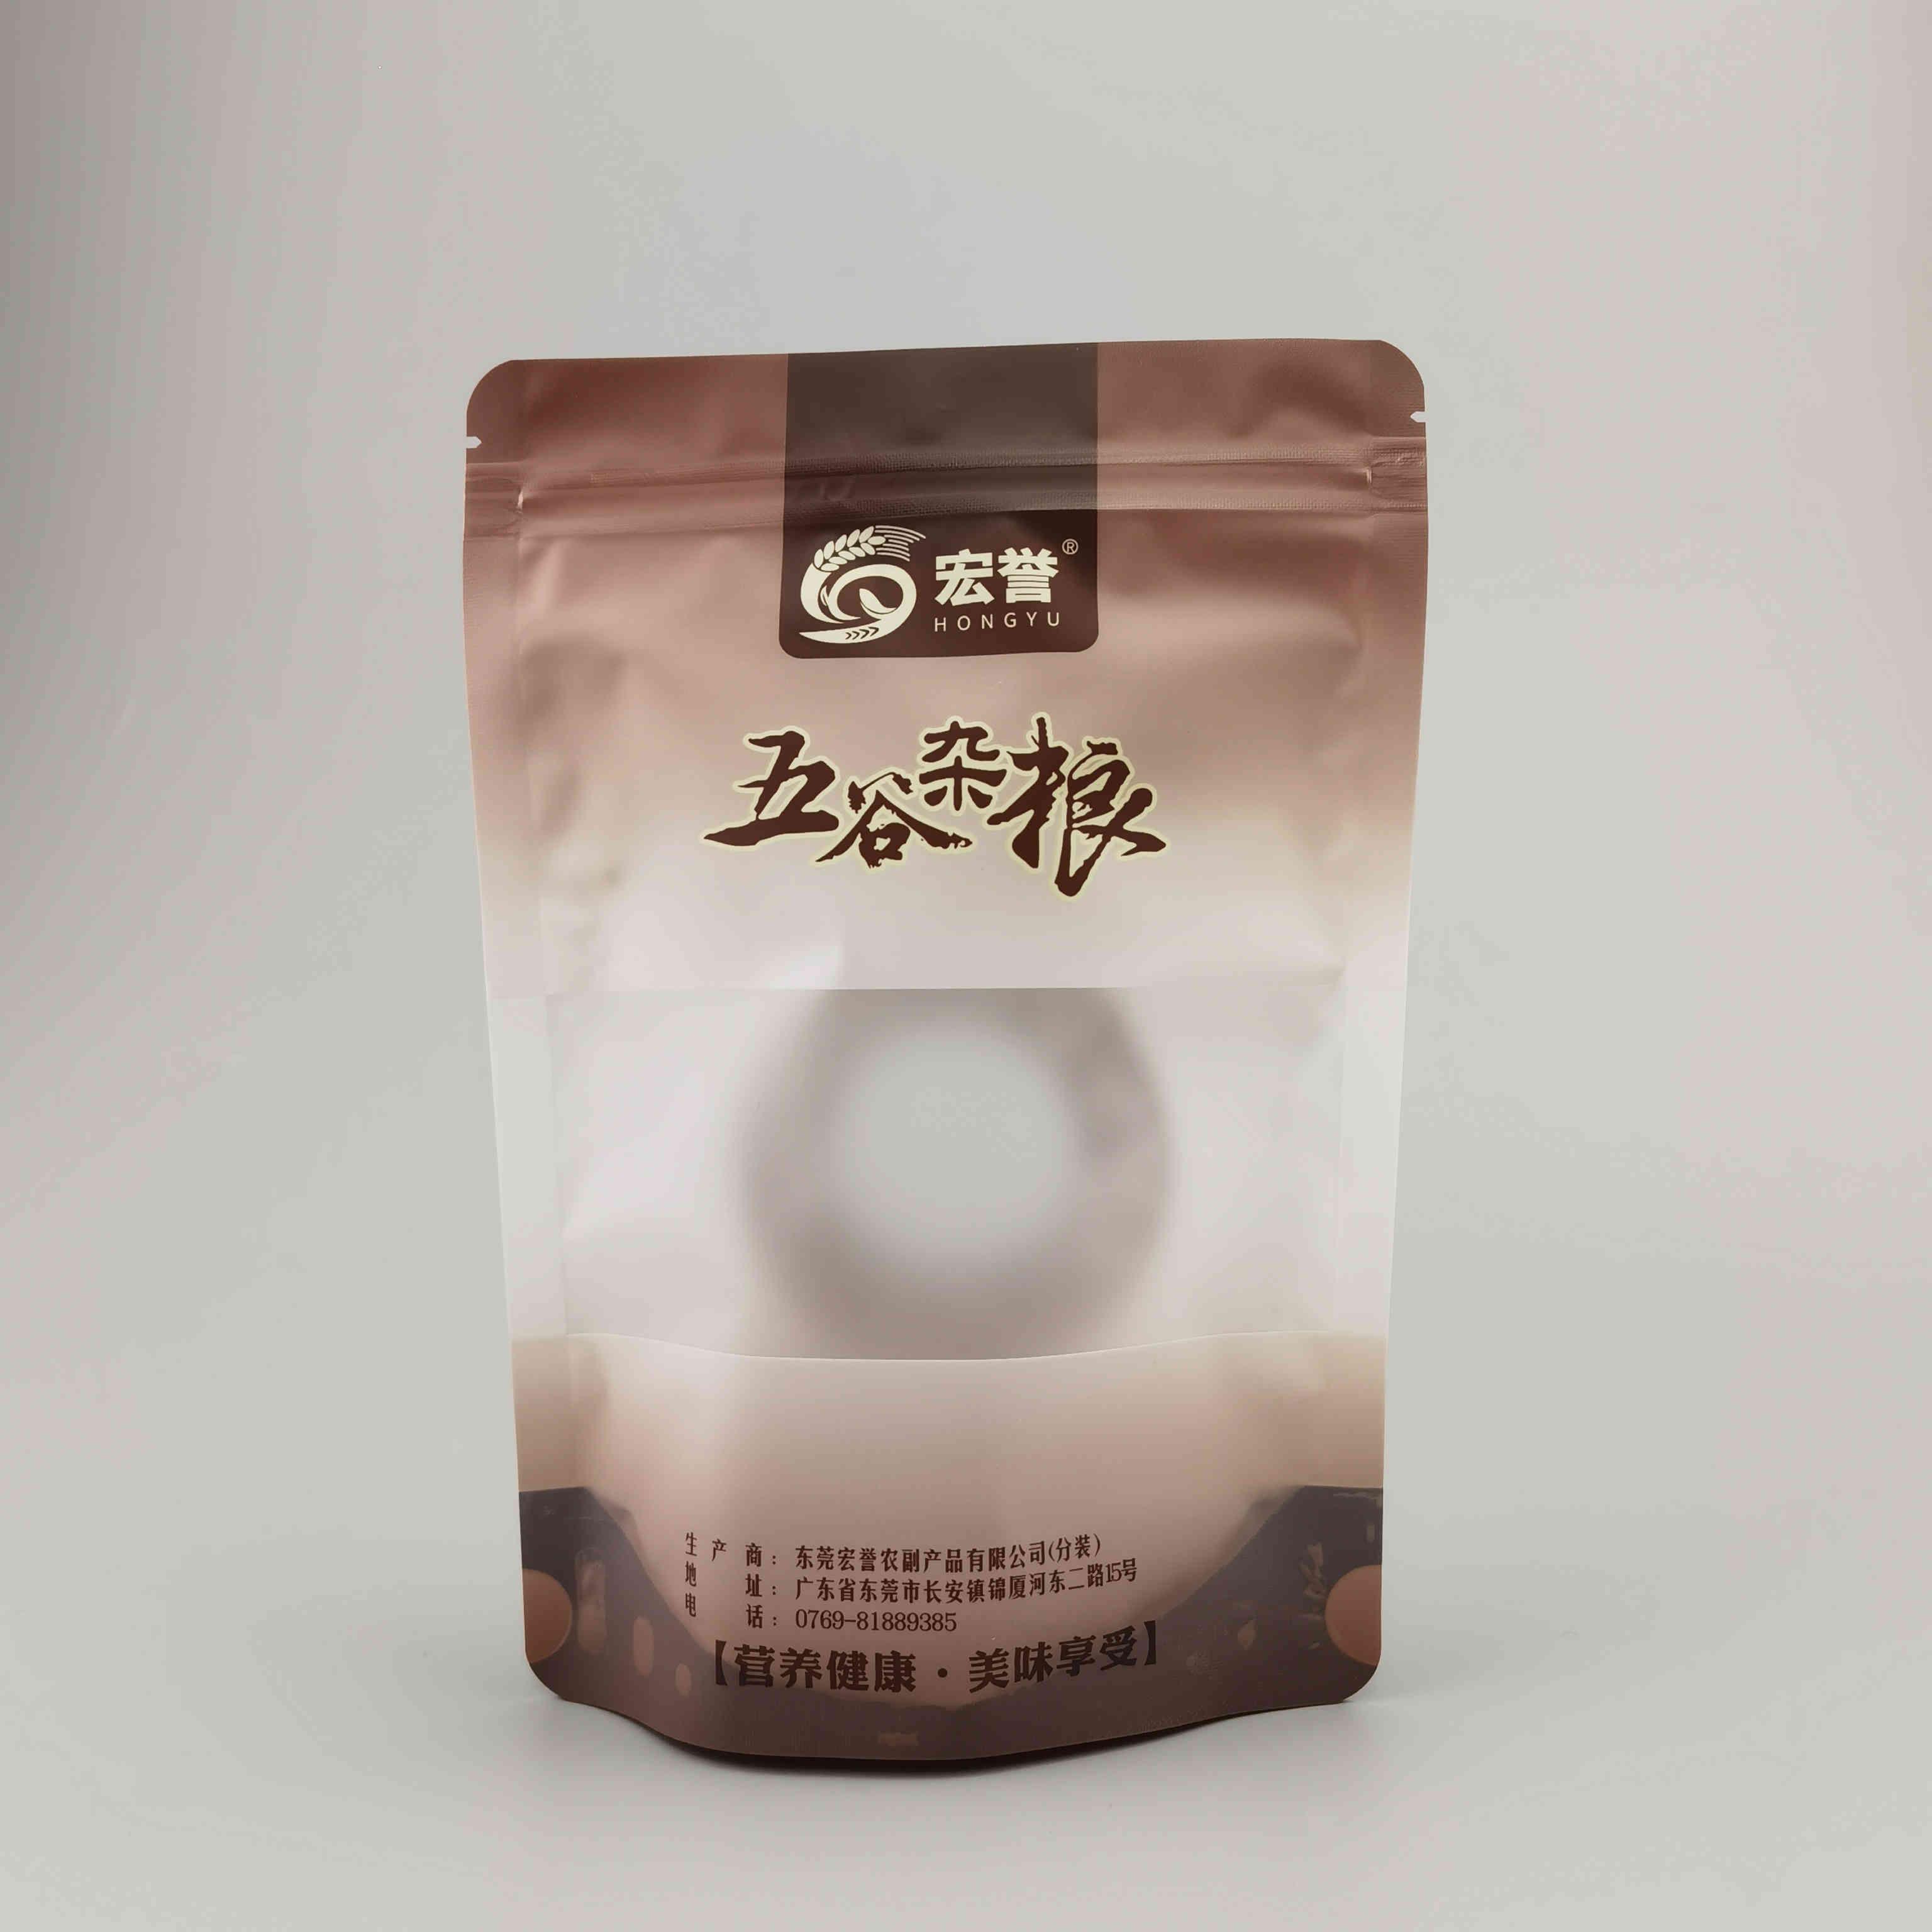 食品包装袋定制logo复合真空拉链自立袋订制印刷订做三边封塑料袋